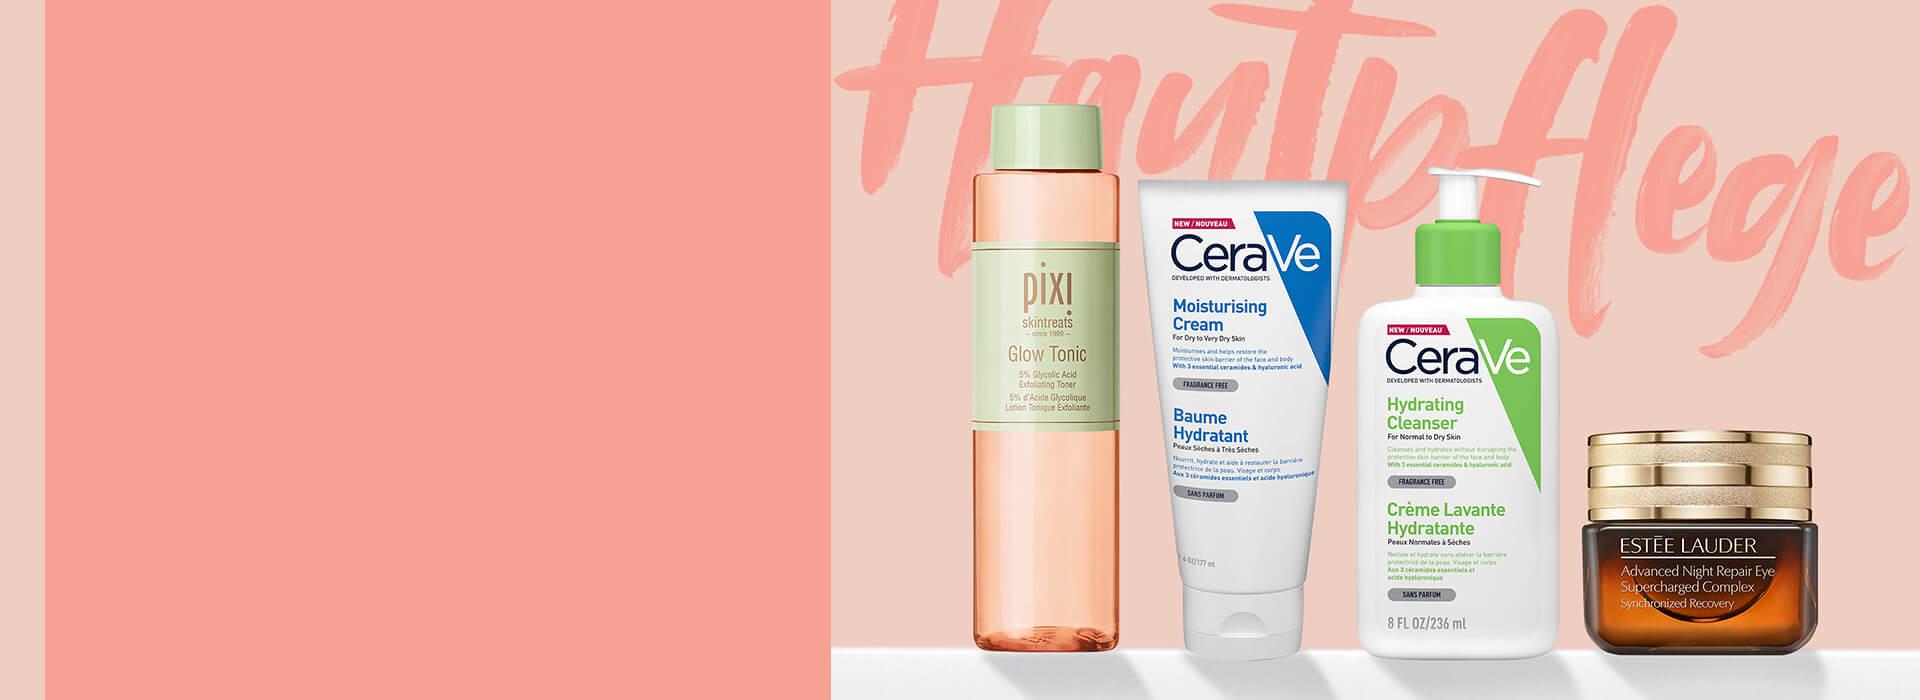 Entdecke deine neue Hautpflegeroutine mit unseren tollen Hautpflegemarken. Unter anderem mit <b>The Ordinary, Pixi</b> und <b>CeraVe</b>.